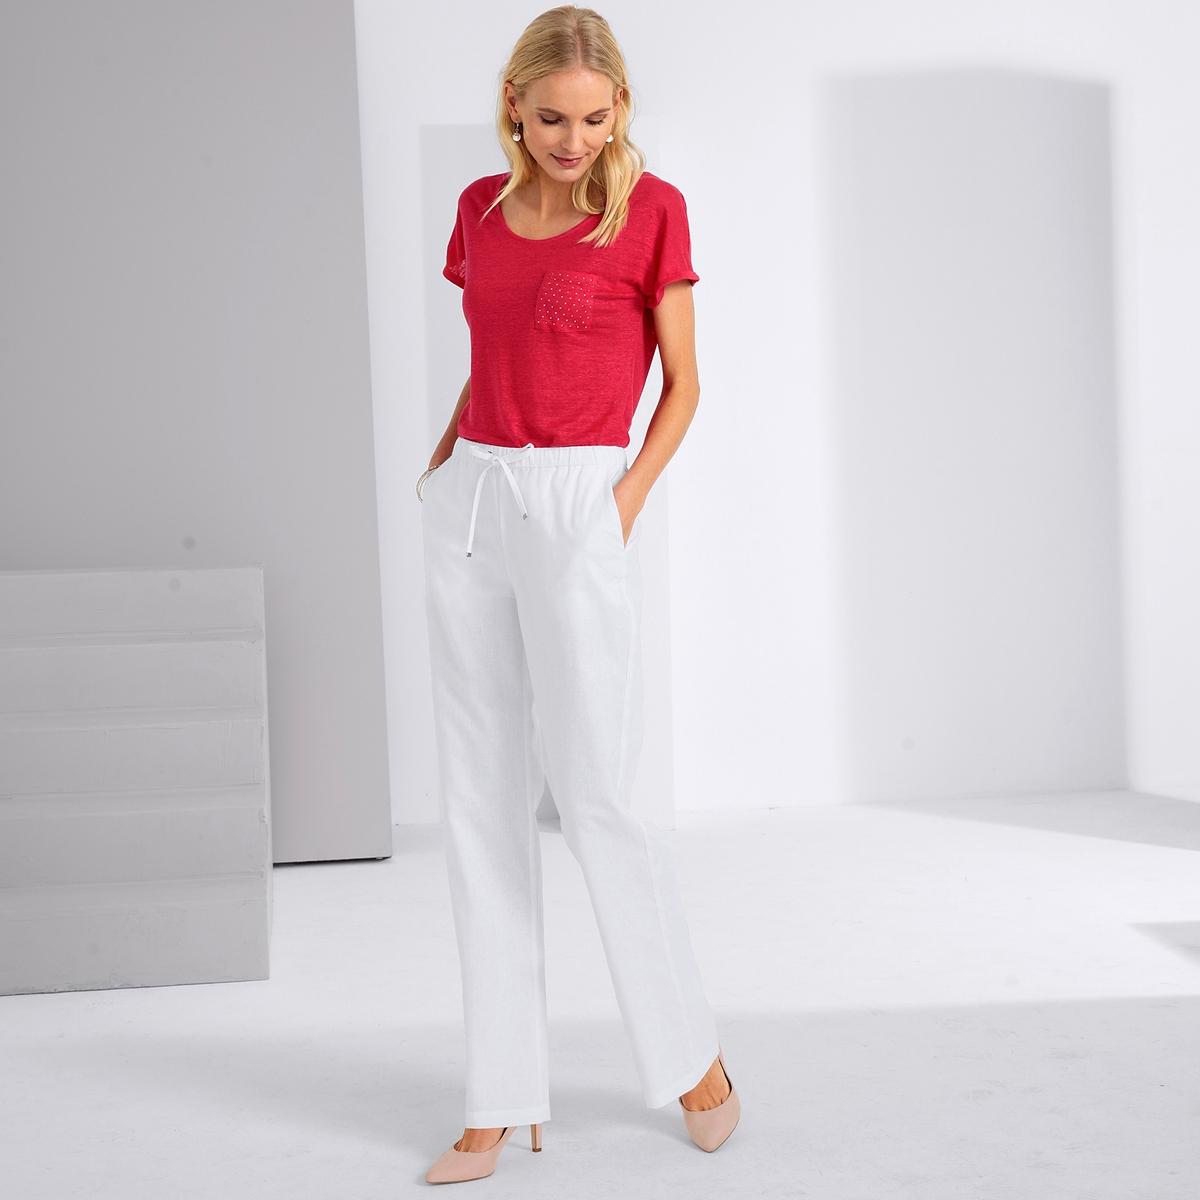 Imagen principal de producto de Camiseta con cuello redondo, 100% lino - Anne weyburn